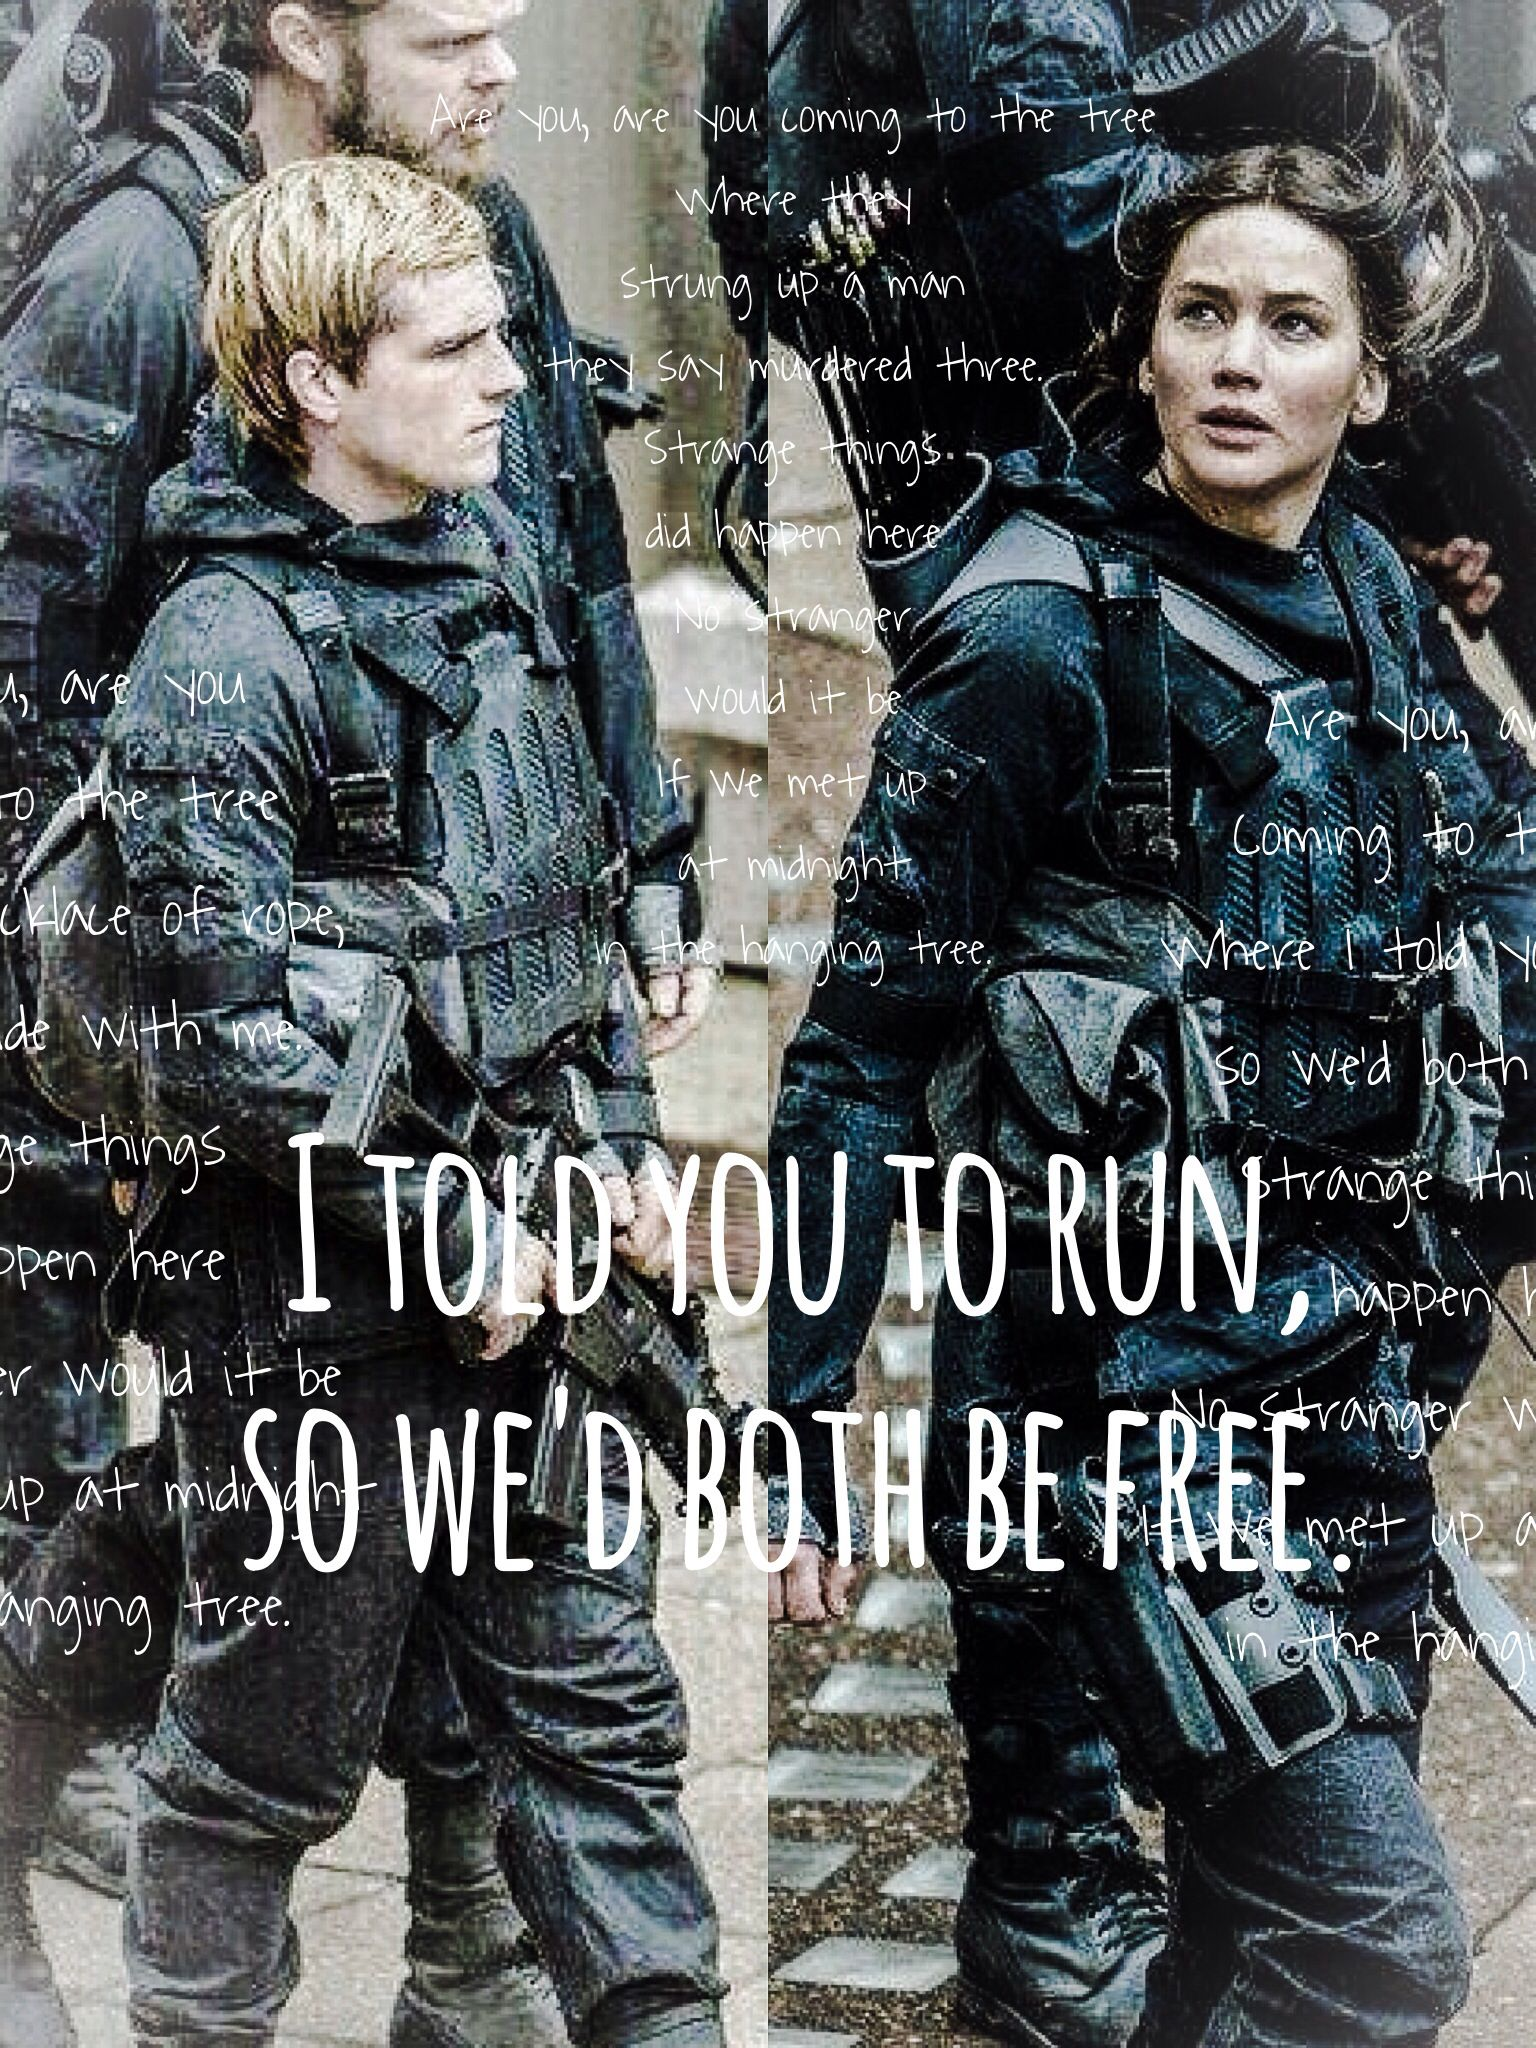 The Hanging Tree (Mockingjay) (The Hunger Games) Lyrics